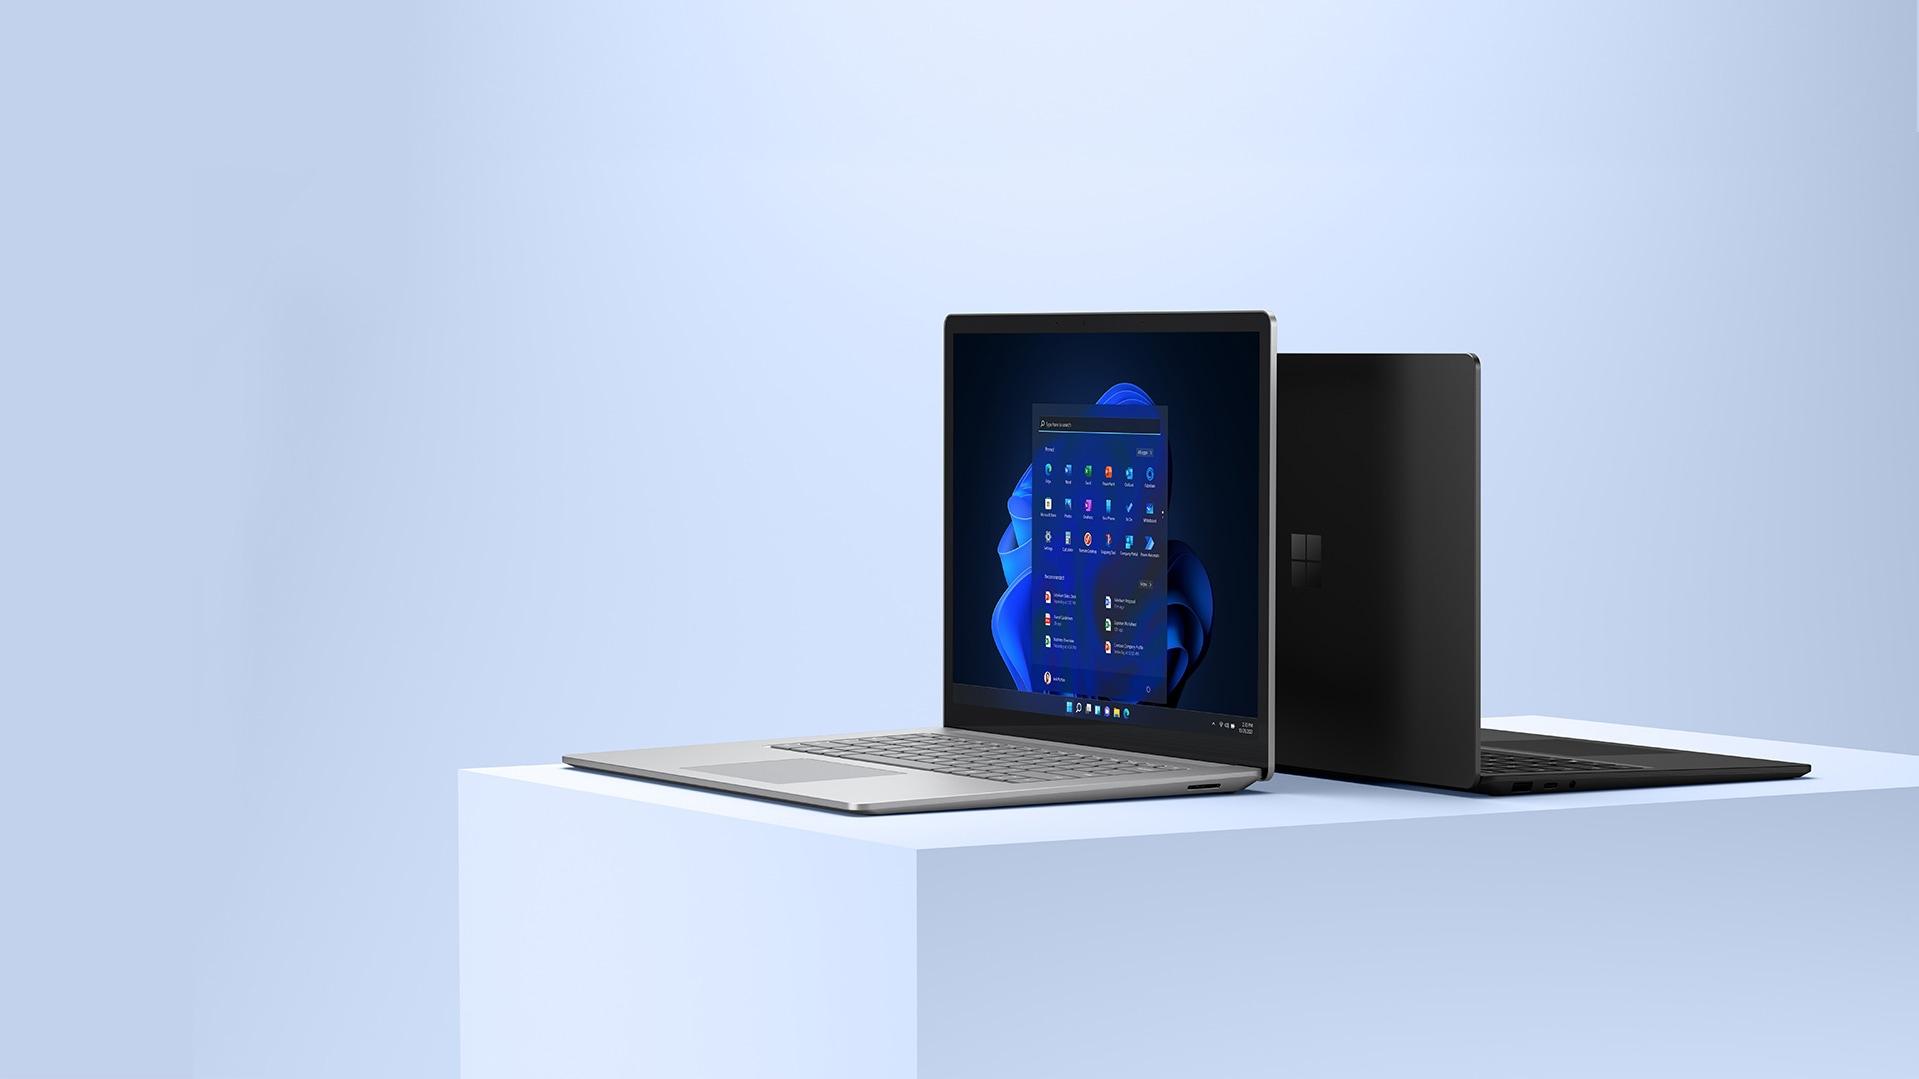 SurfaceLaptop 4 mit 15-Zoll in Platin mit Bildschirm, der nach Außen zeigt. SurfaceLaptop 4 mit 13,5-Zoll in Schwarz Rücken an Rücken mit 15-Zoll-Modell